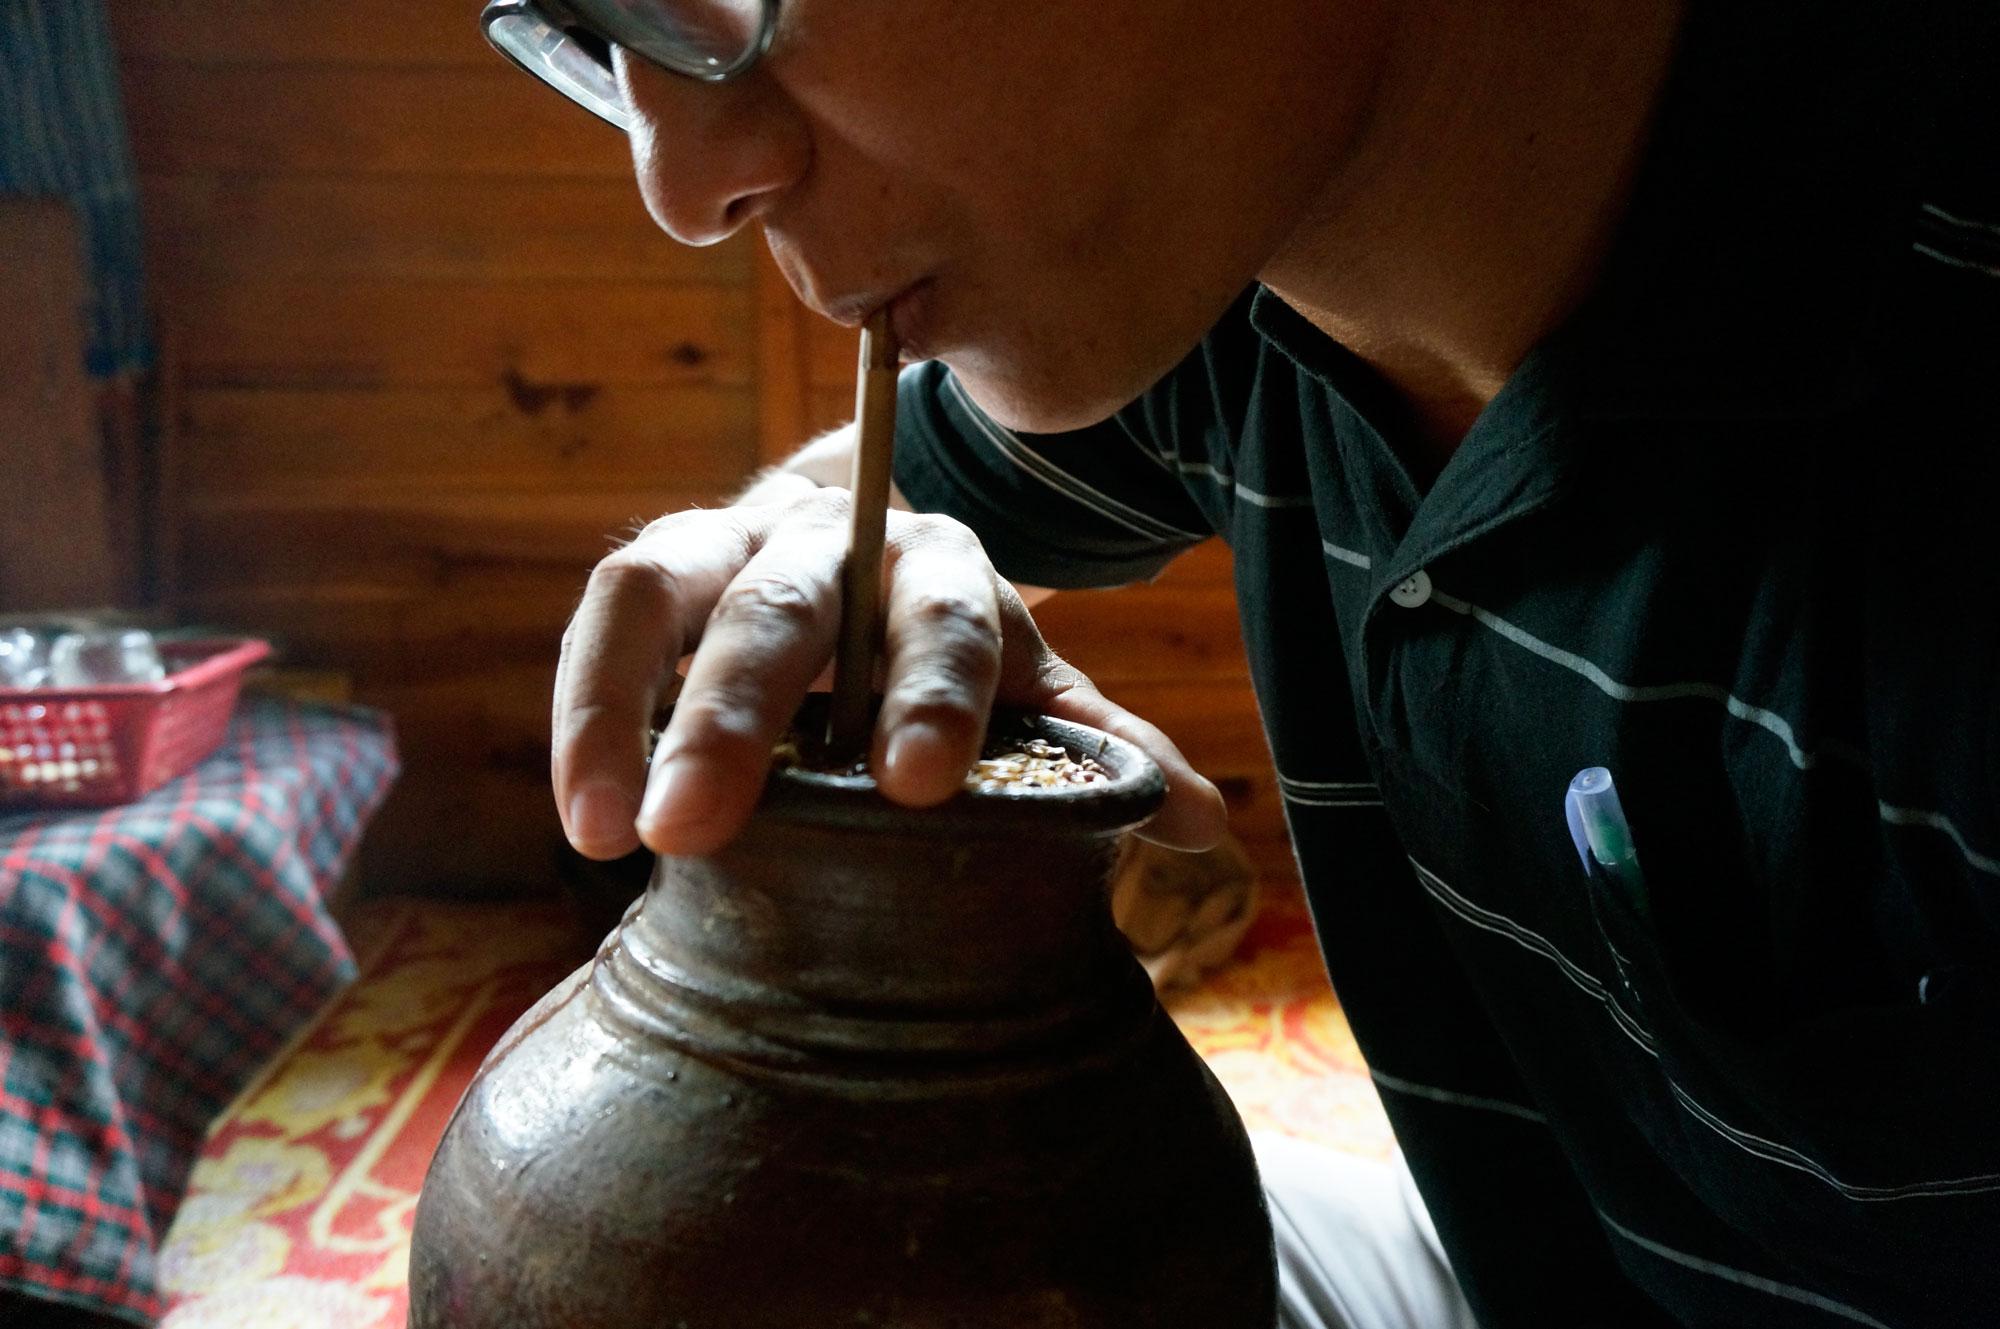 myanmar-opium-farmer-rice